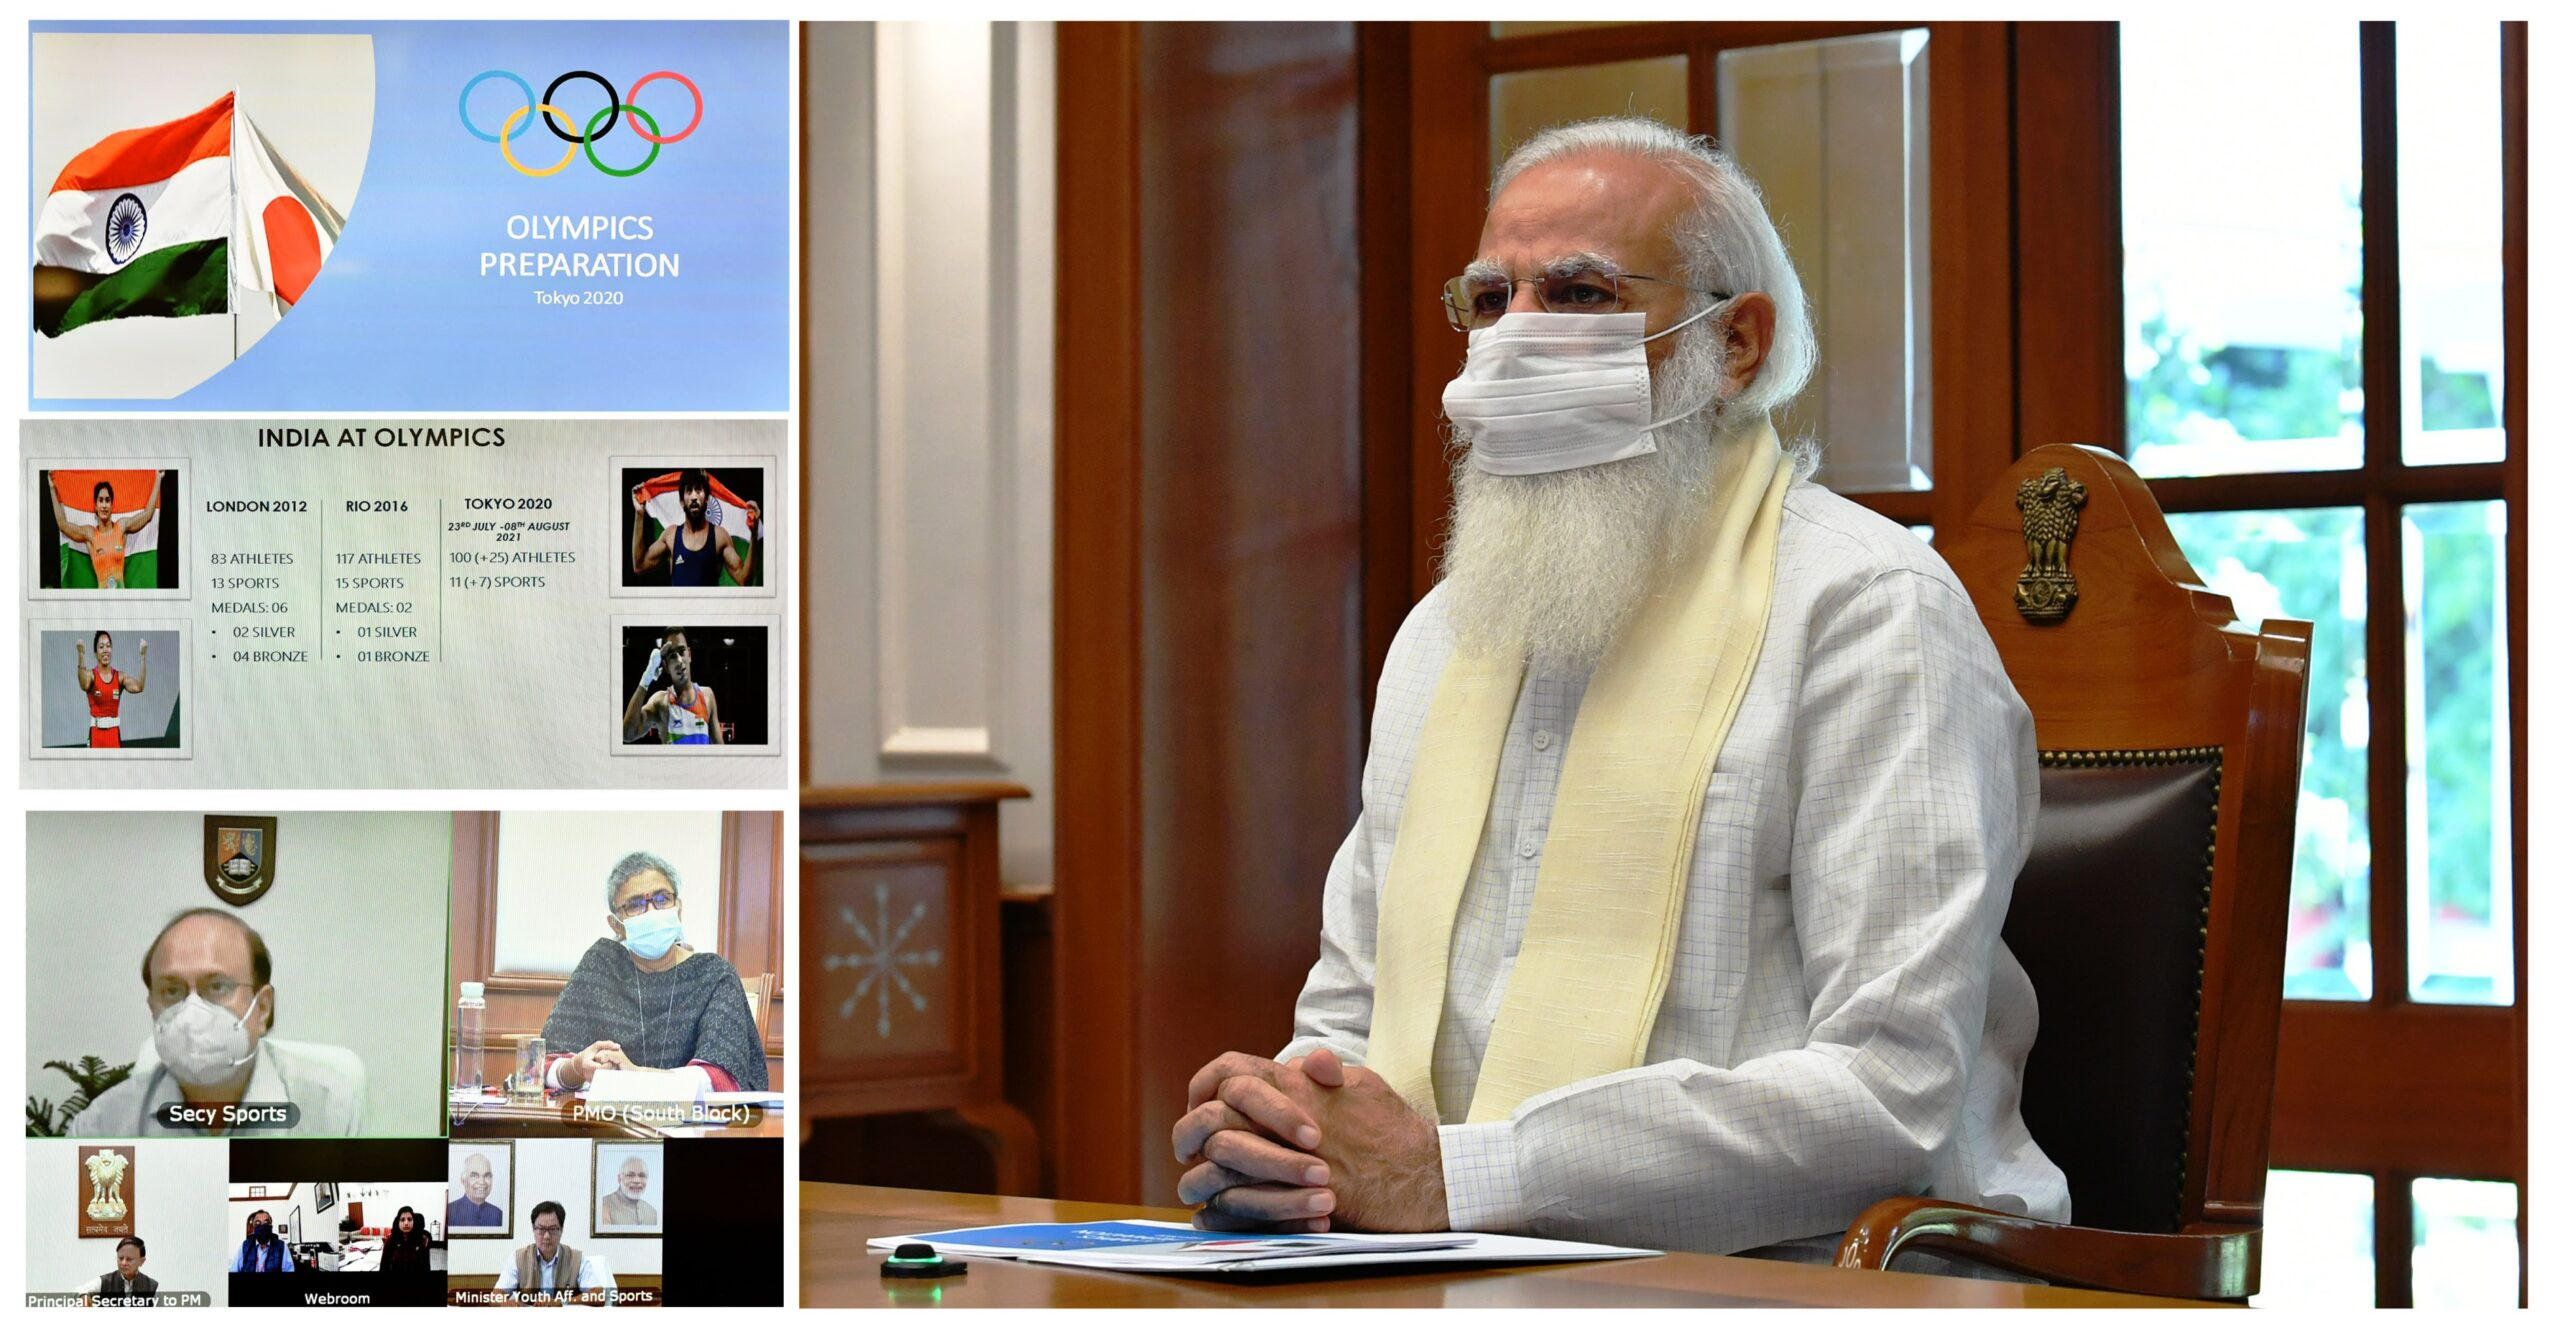 PM ने ओलंपिक की तैयारियों की समीक्षा के लिए बैठक की अध्यक्षता की